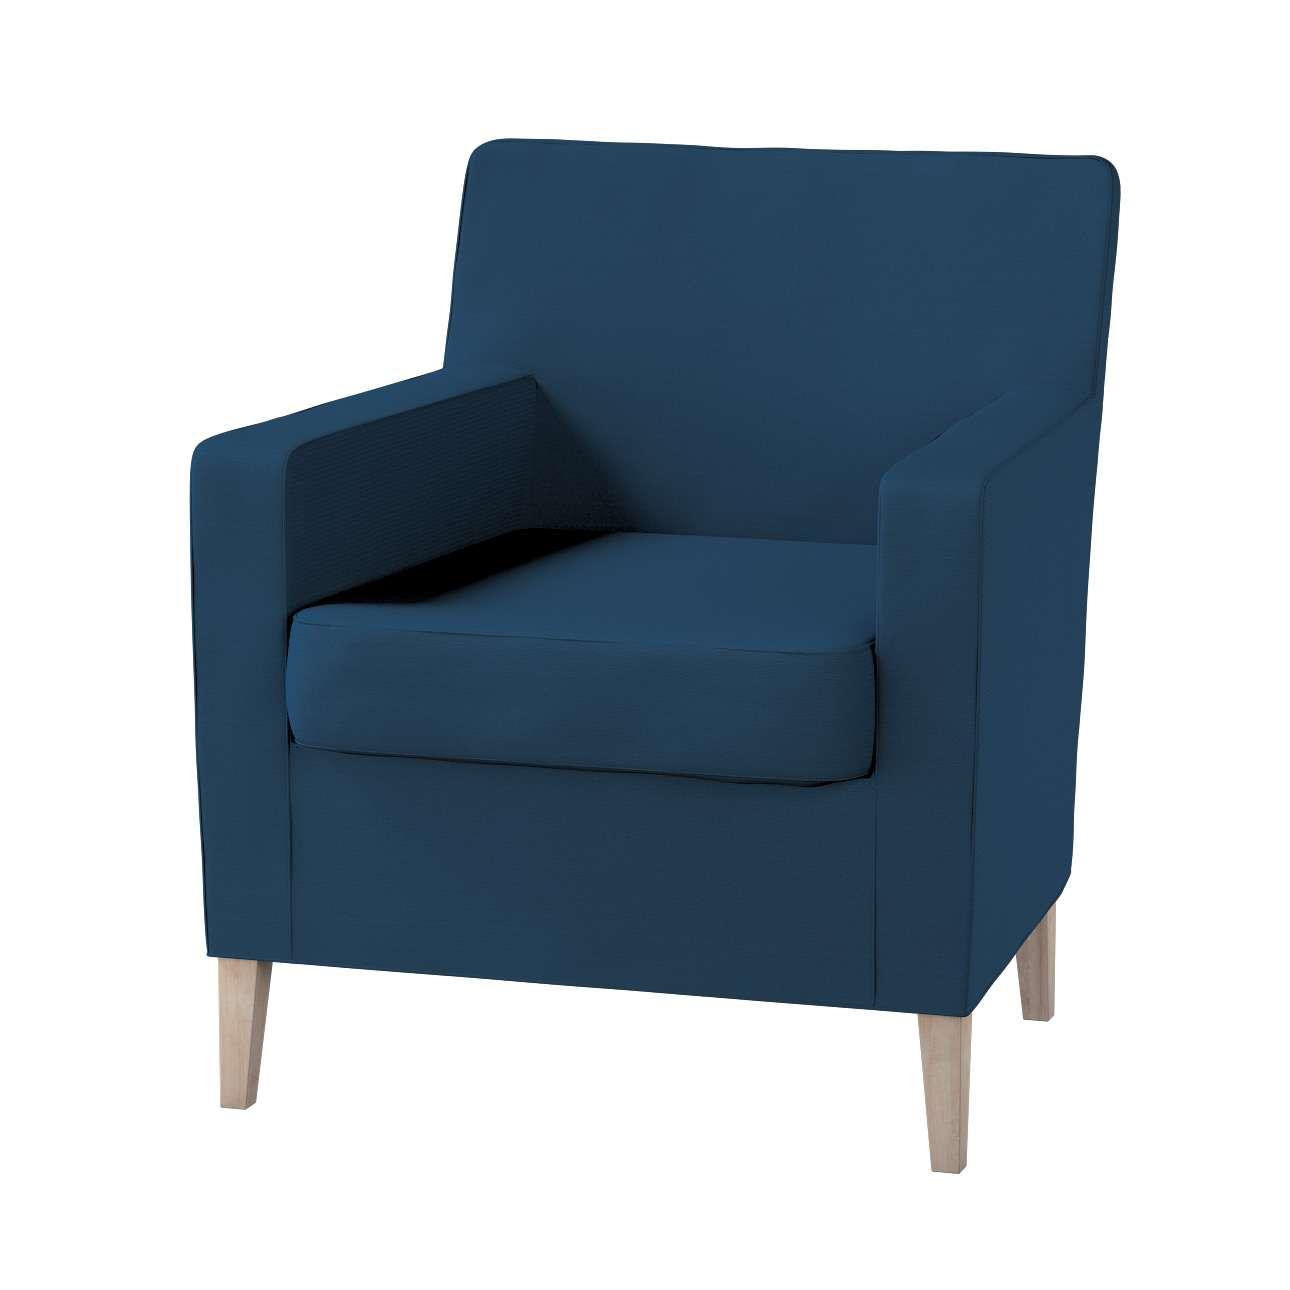 Pokrowiec na fotel Karlstad Fotel  Karlstad w kolekcji Cotton Panama, tkanina: 702-30